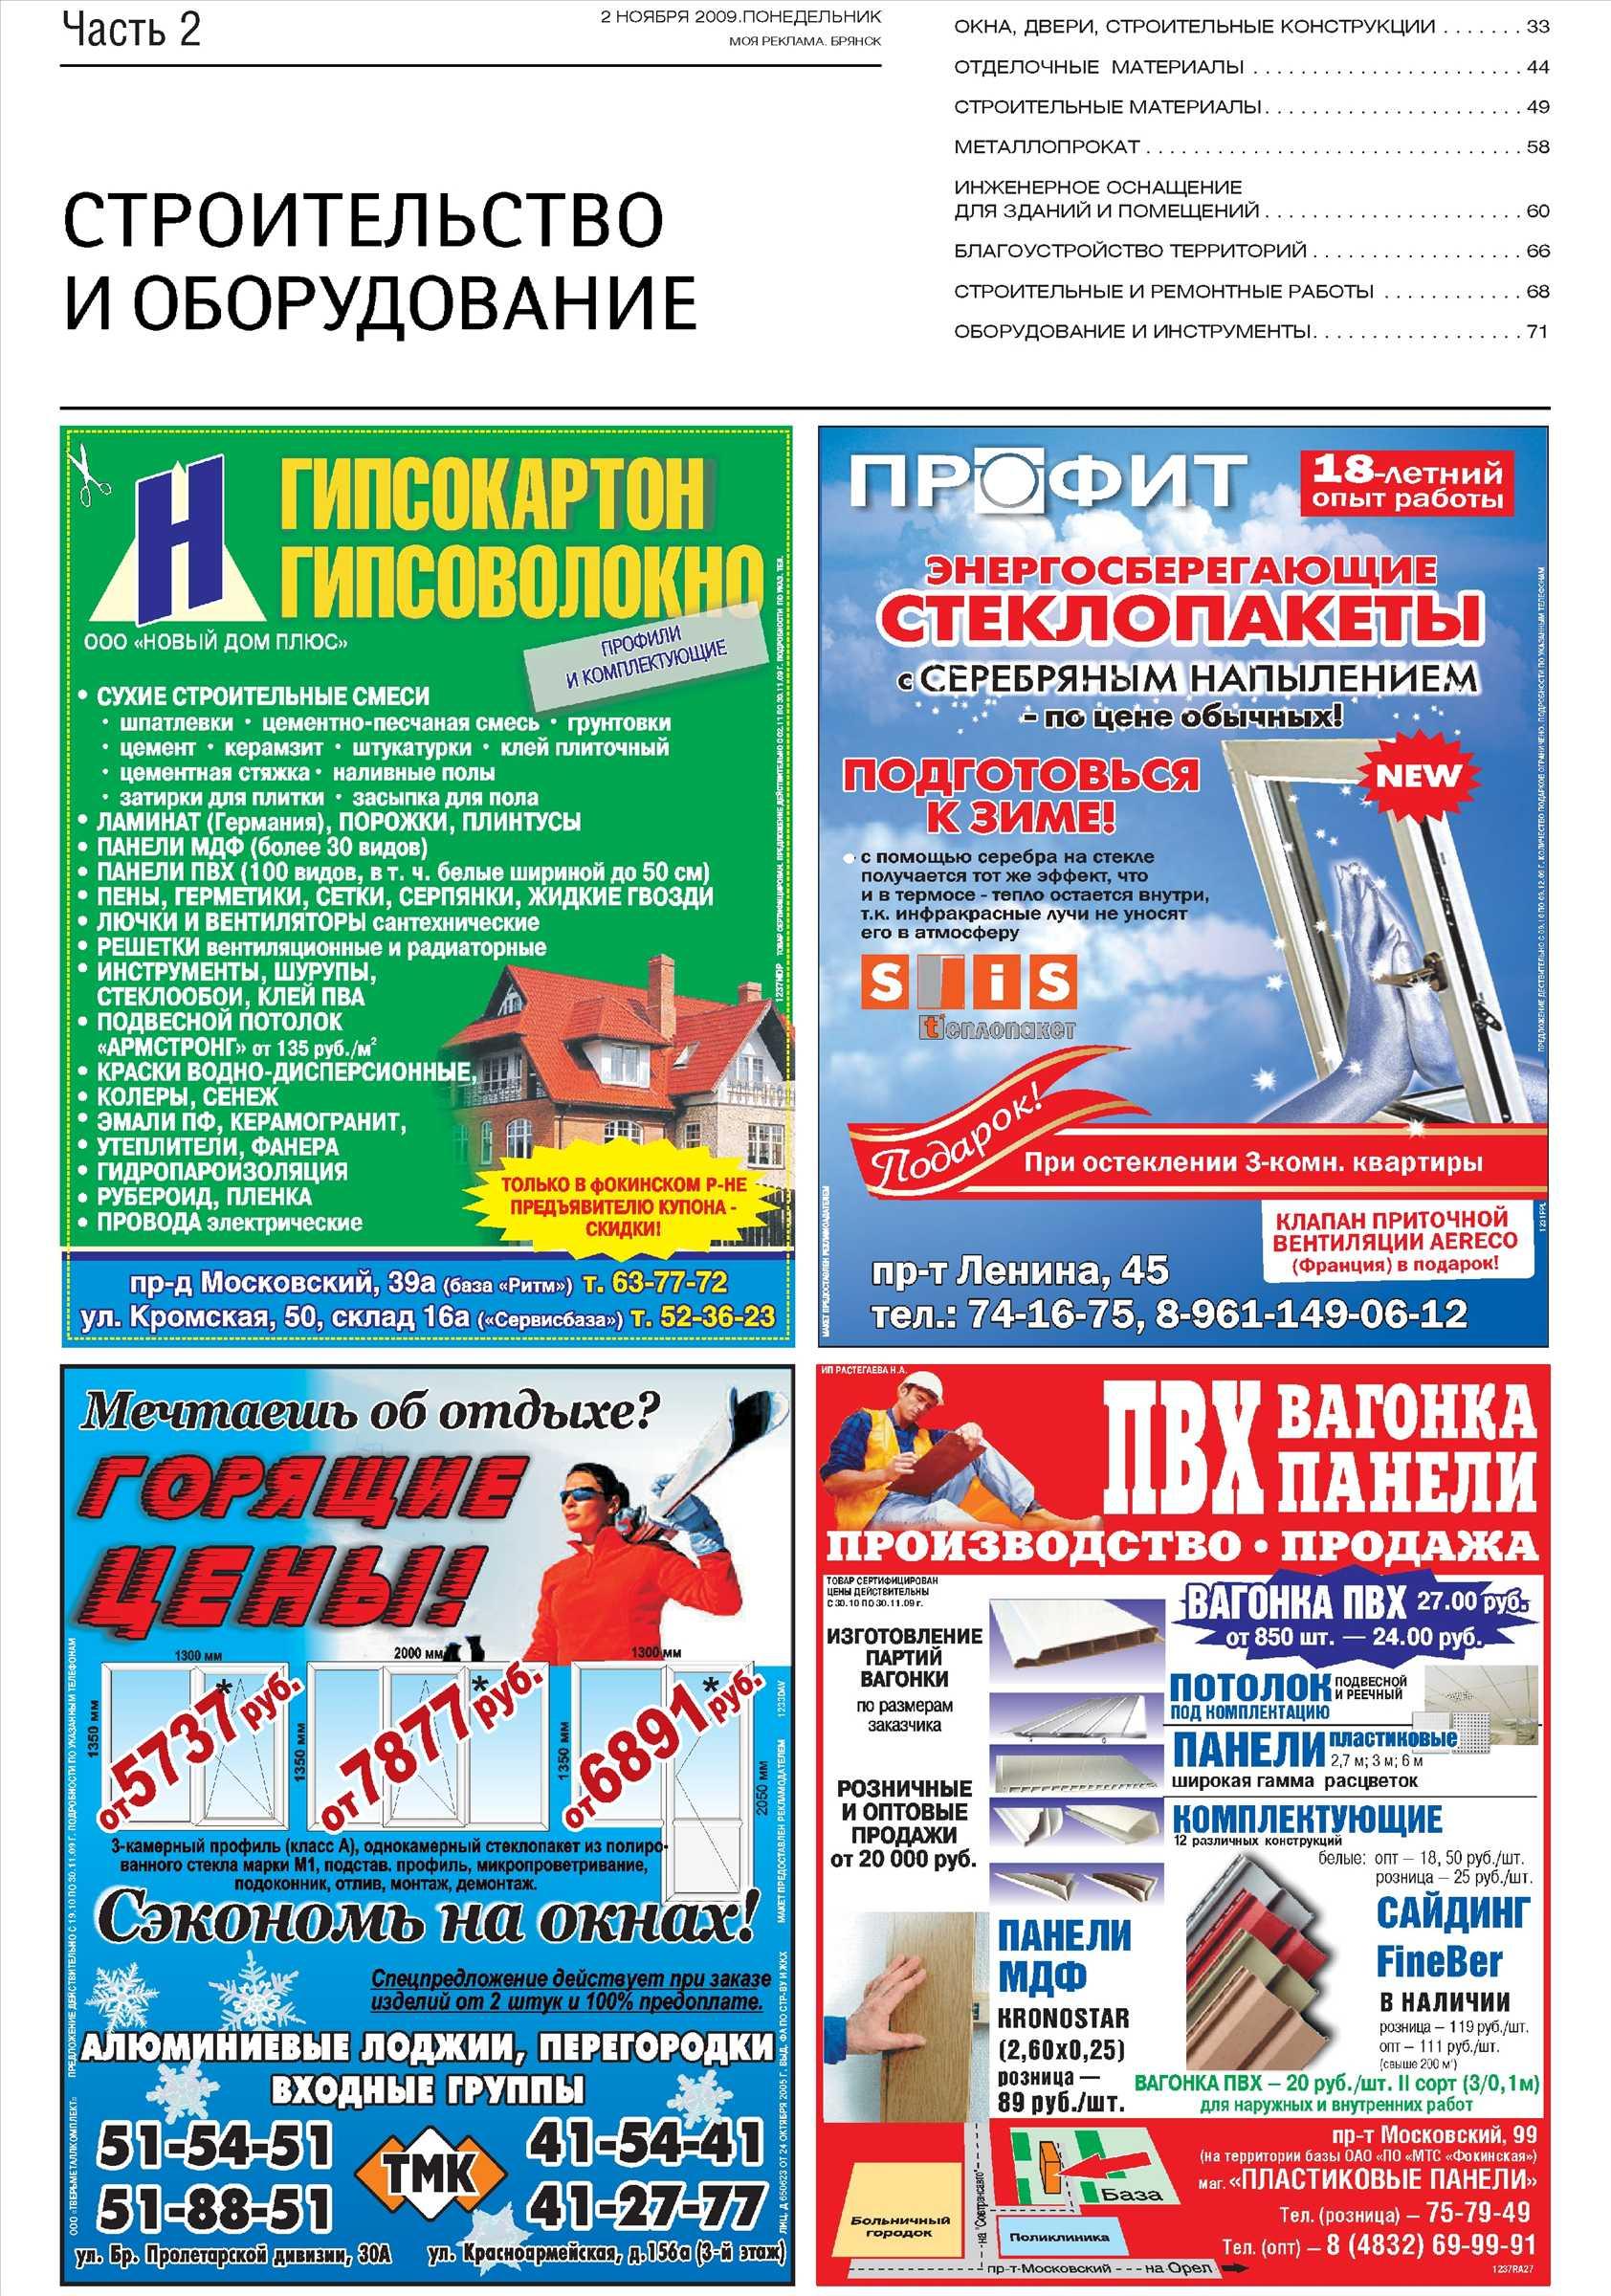 Моя реклама белгород подать объявление в газету подать объявление бесплатно по отоплению в краснодаре